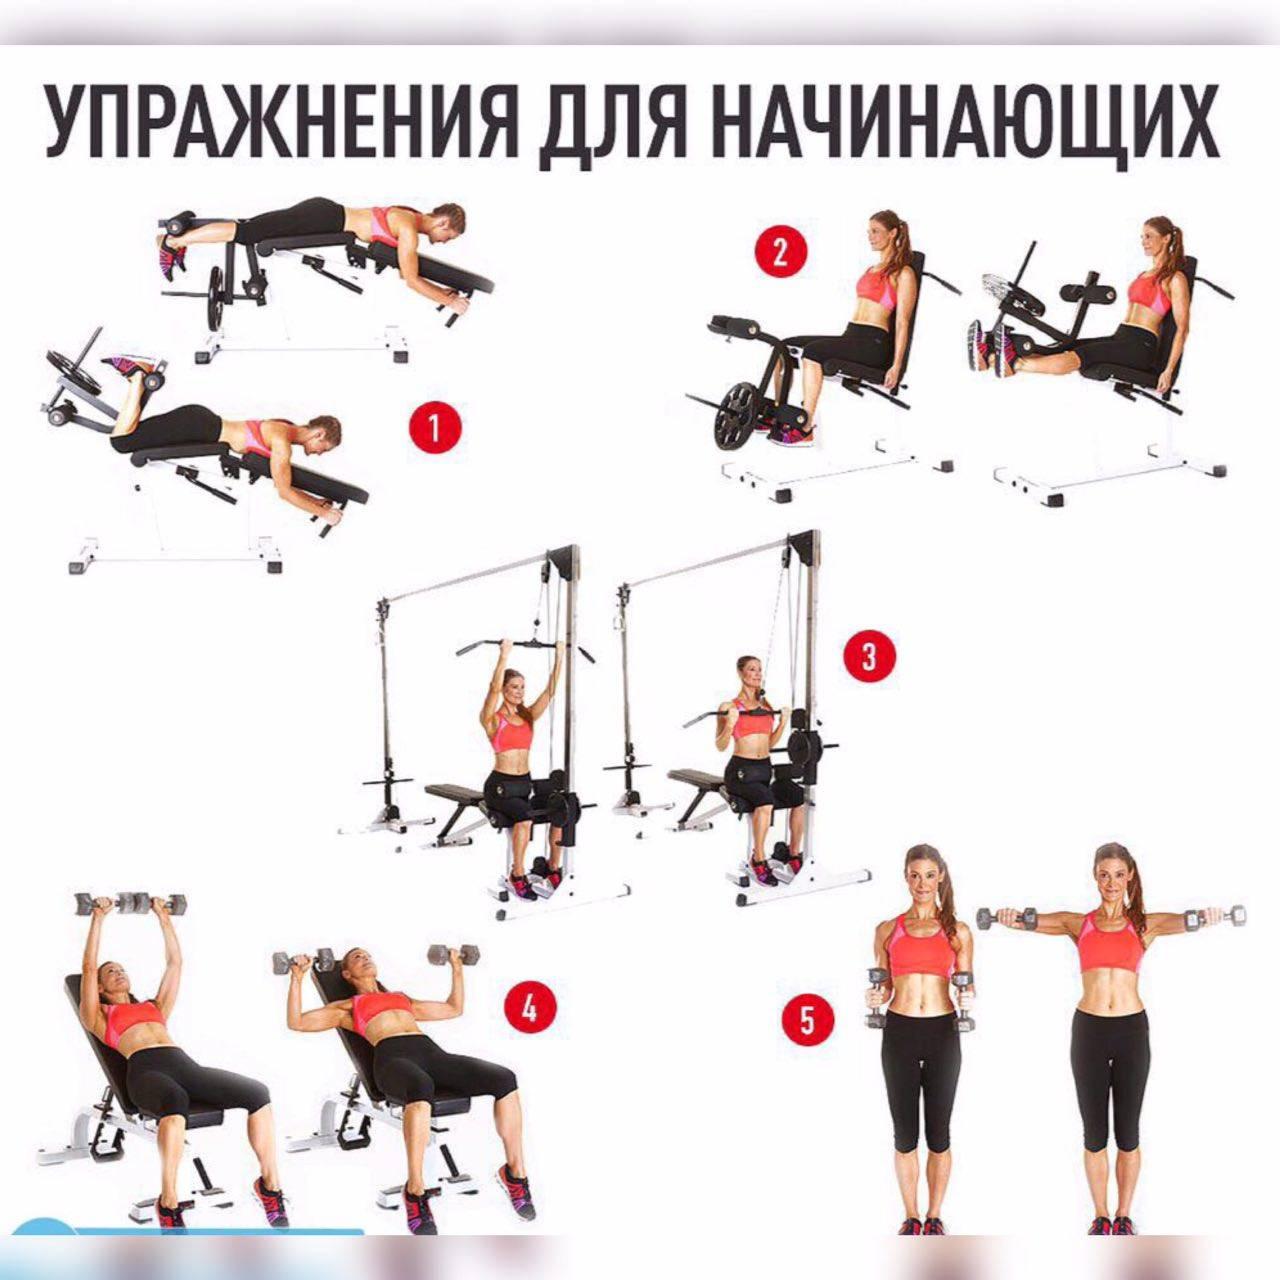 Зарядка для женщин после 40-50-60 лет, утренняя на каждый день, упражнения для пожилых при артрозе, остеохондрозе, климаксе. видео